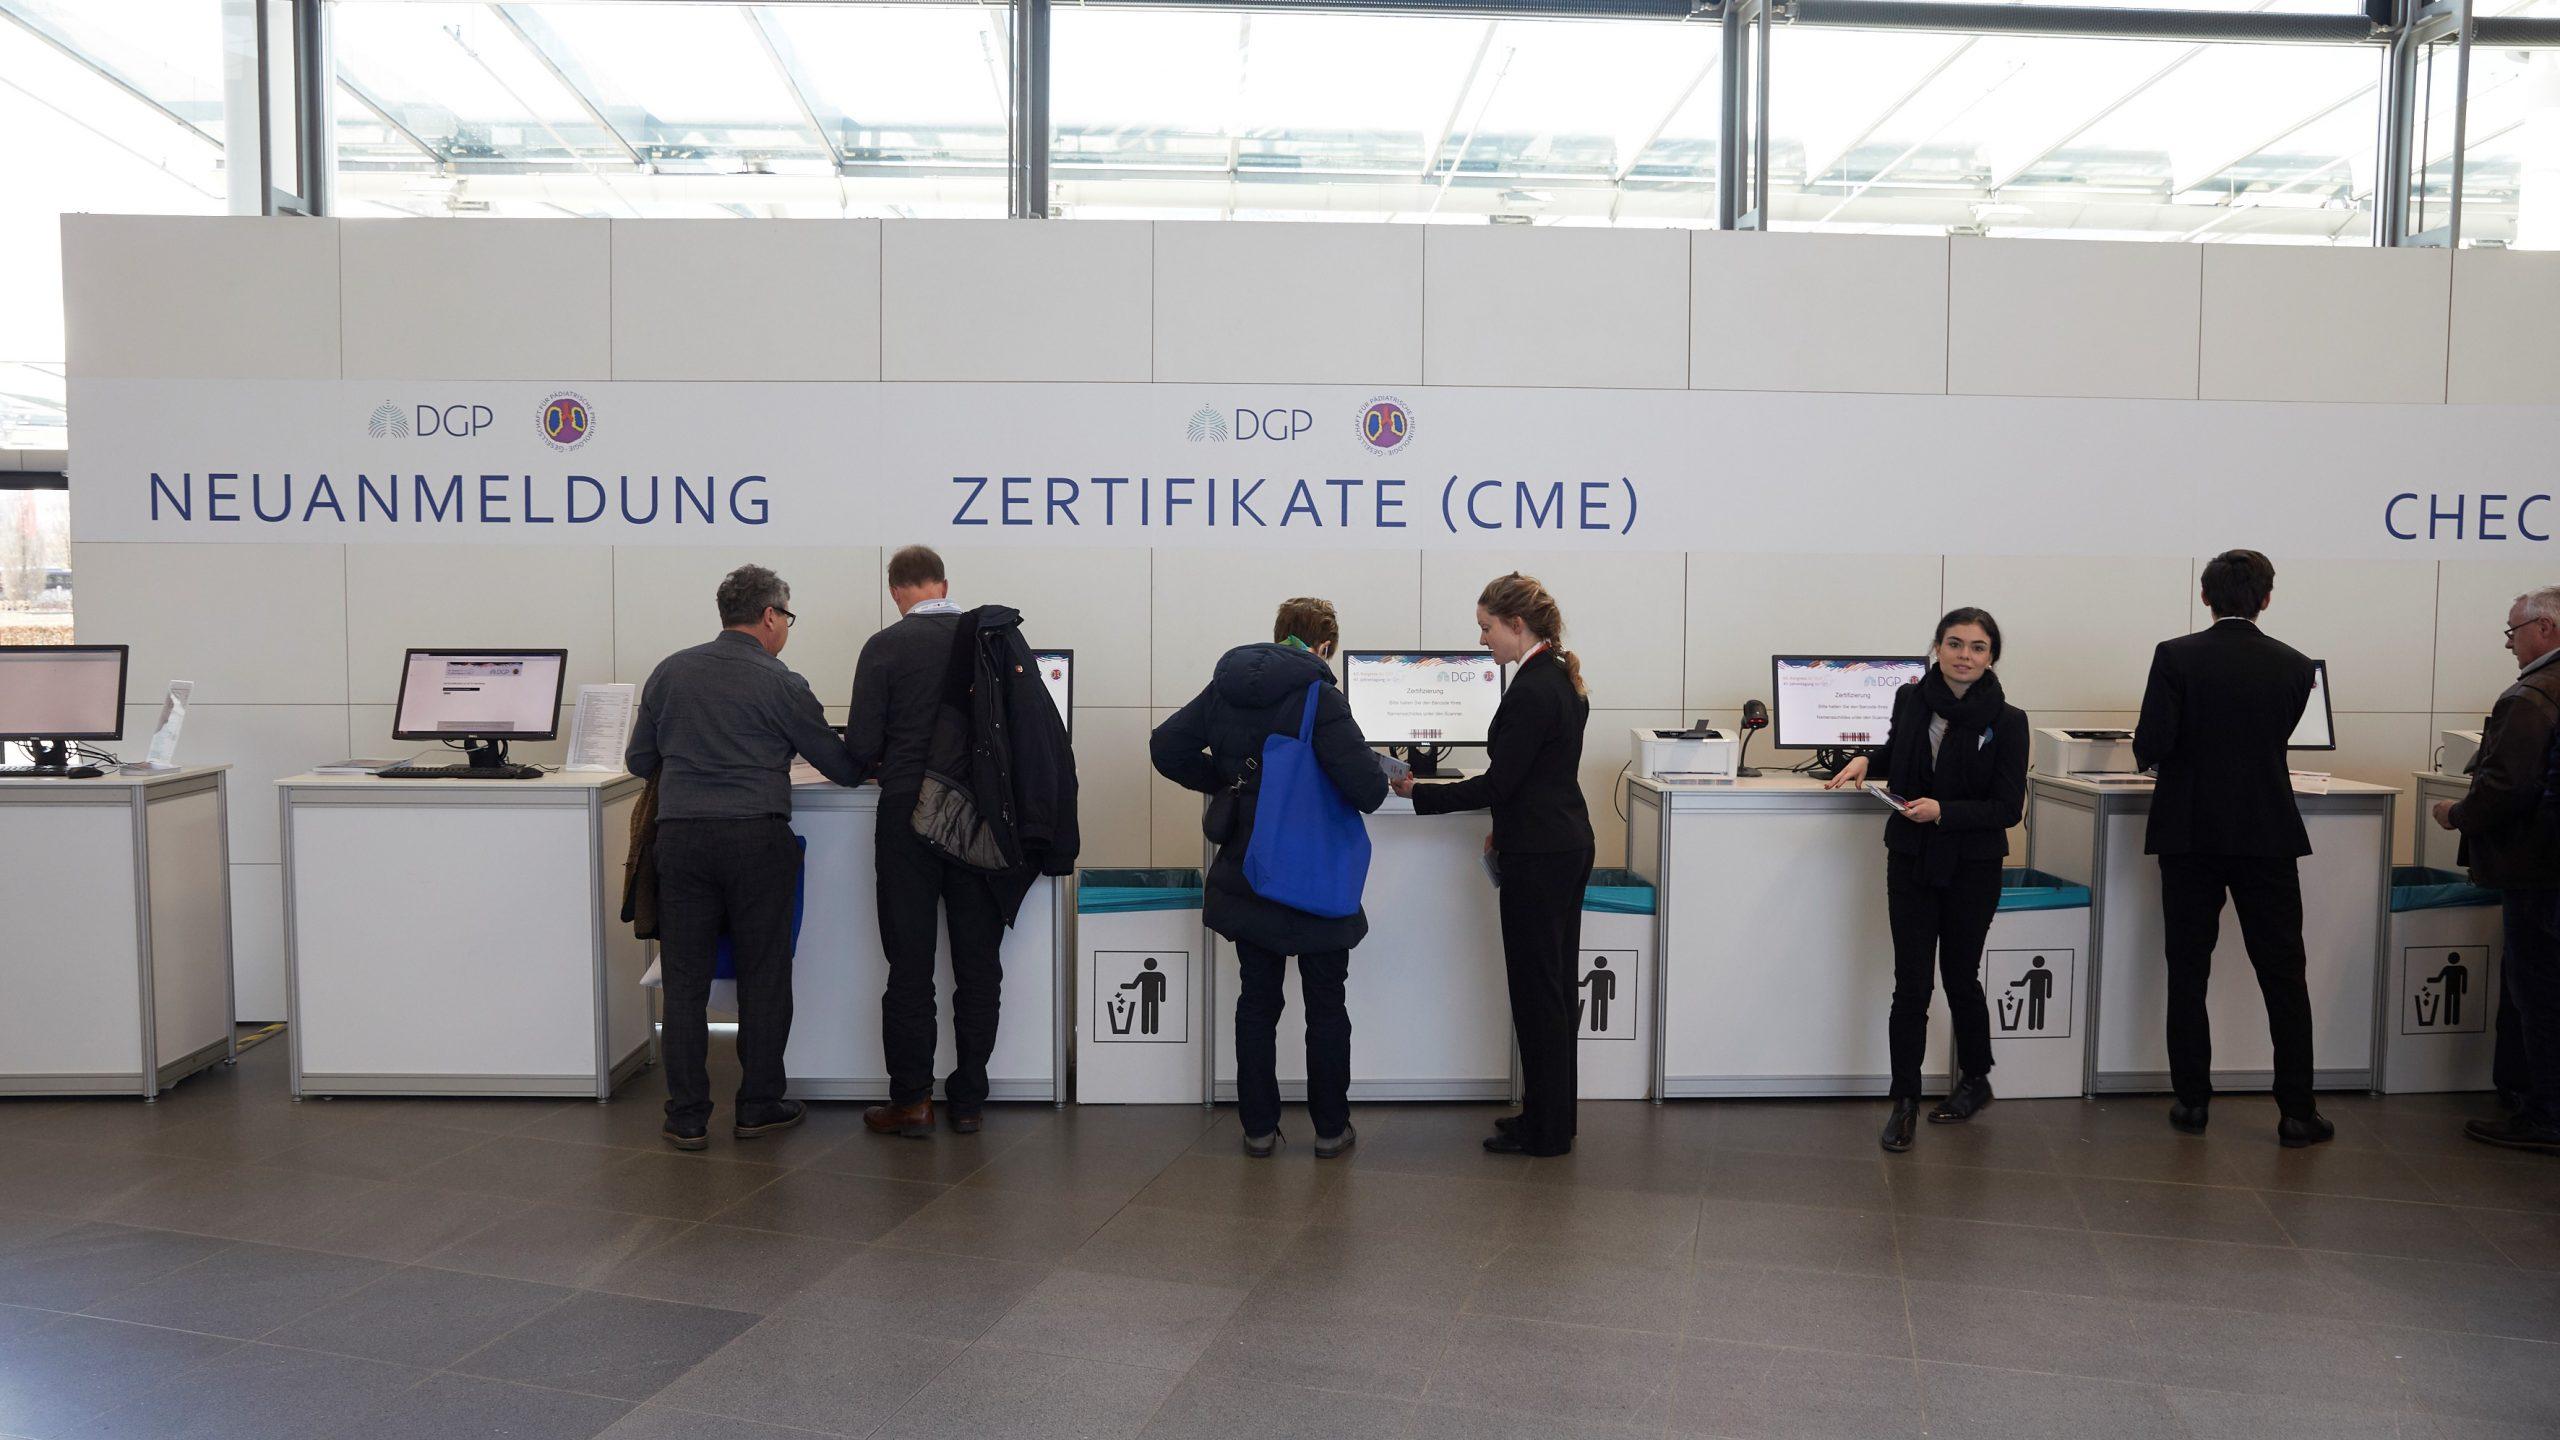 Zertifikate vor Ort CME Kongress